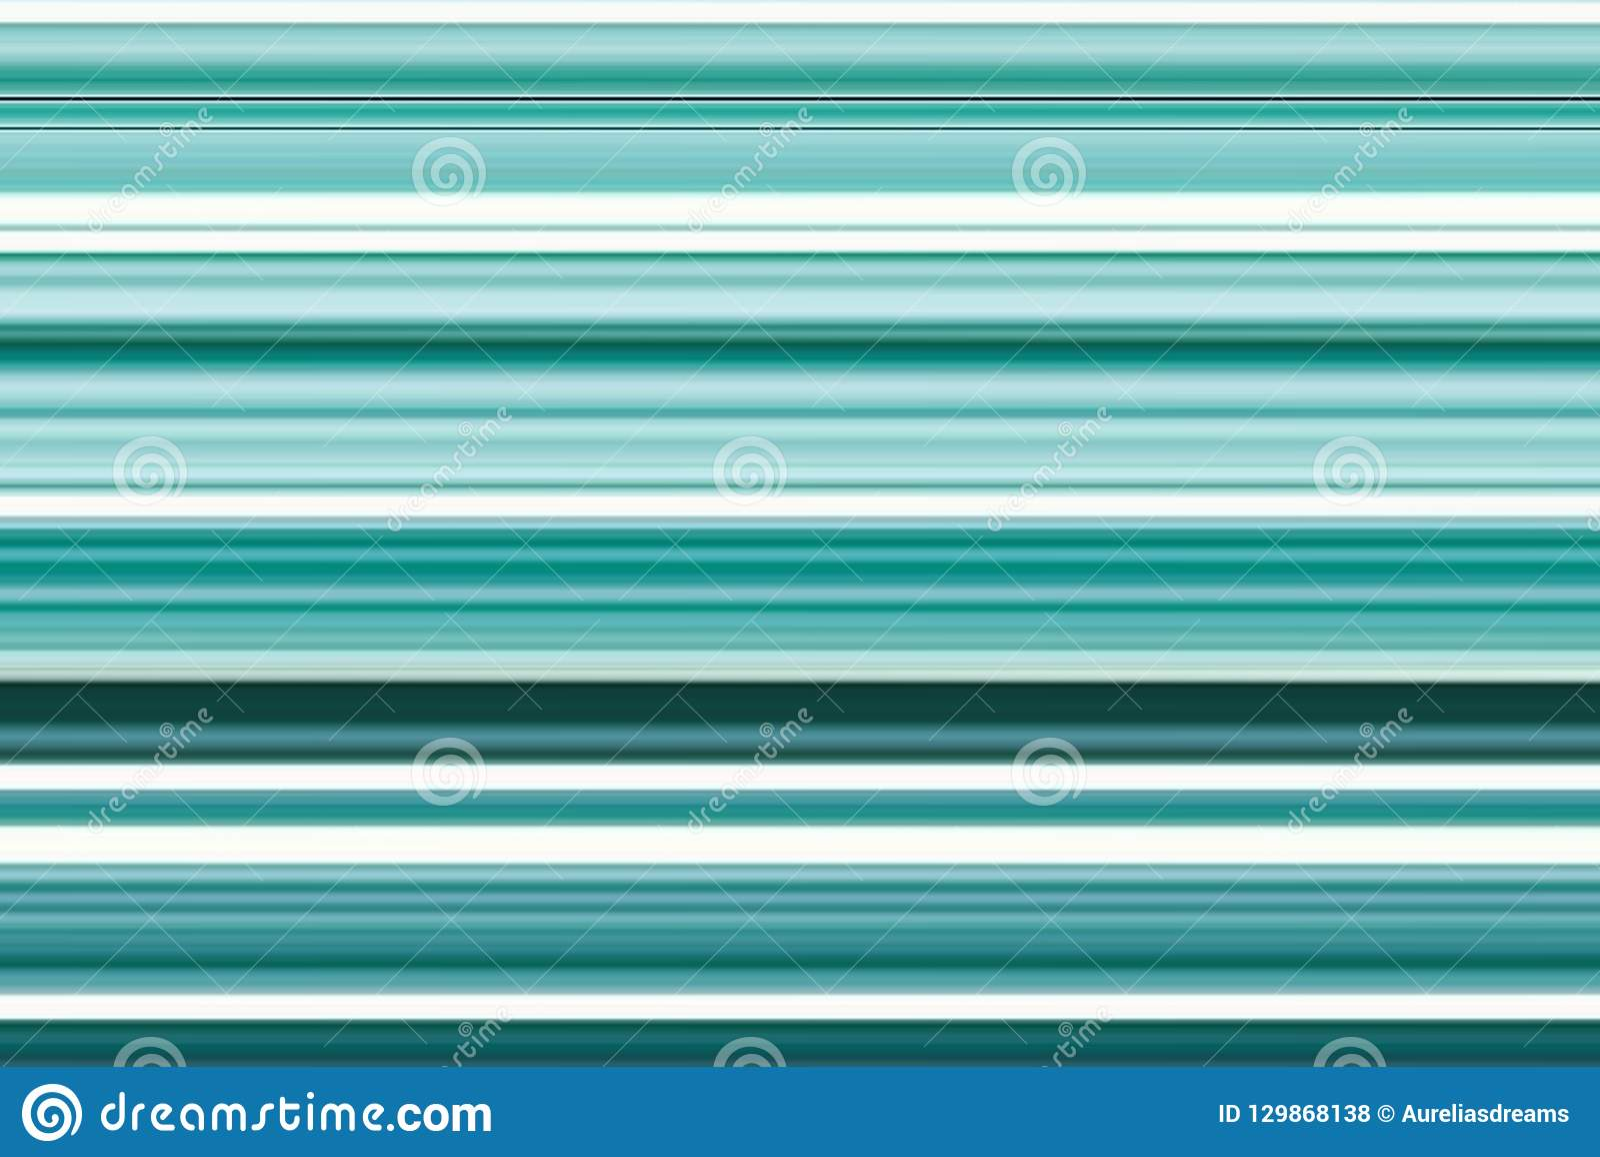 Lineas horizontales brillantes fondo, textura del extracto olorful del ¡de Ð en tonos azules y blancos